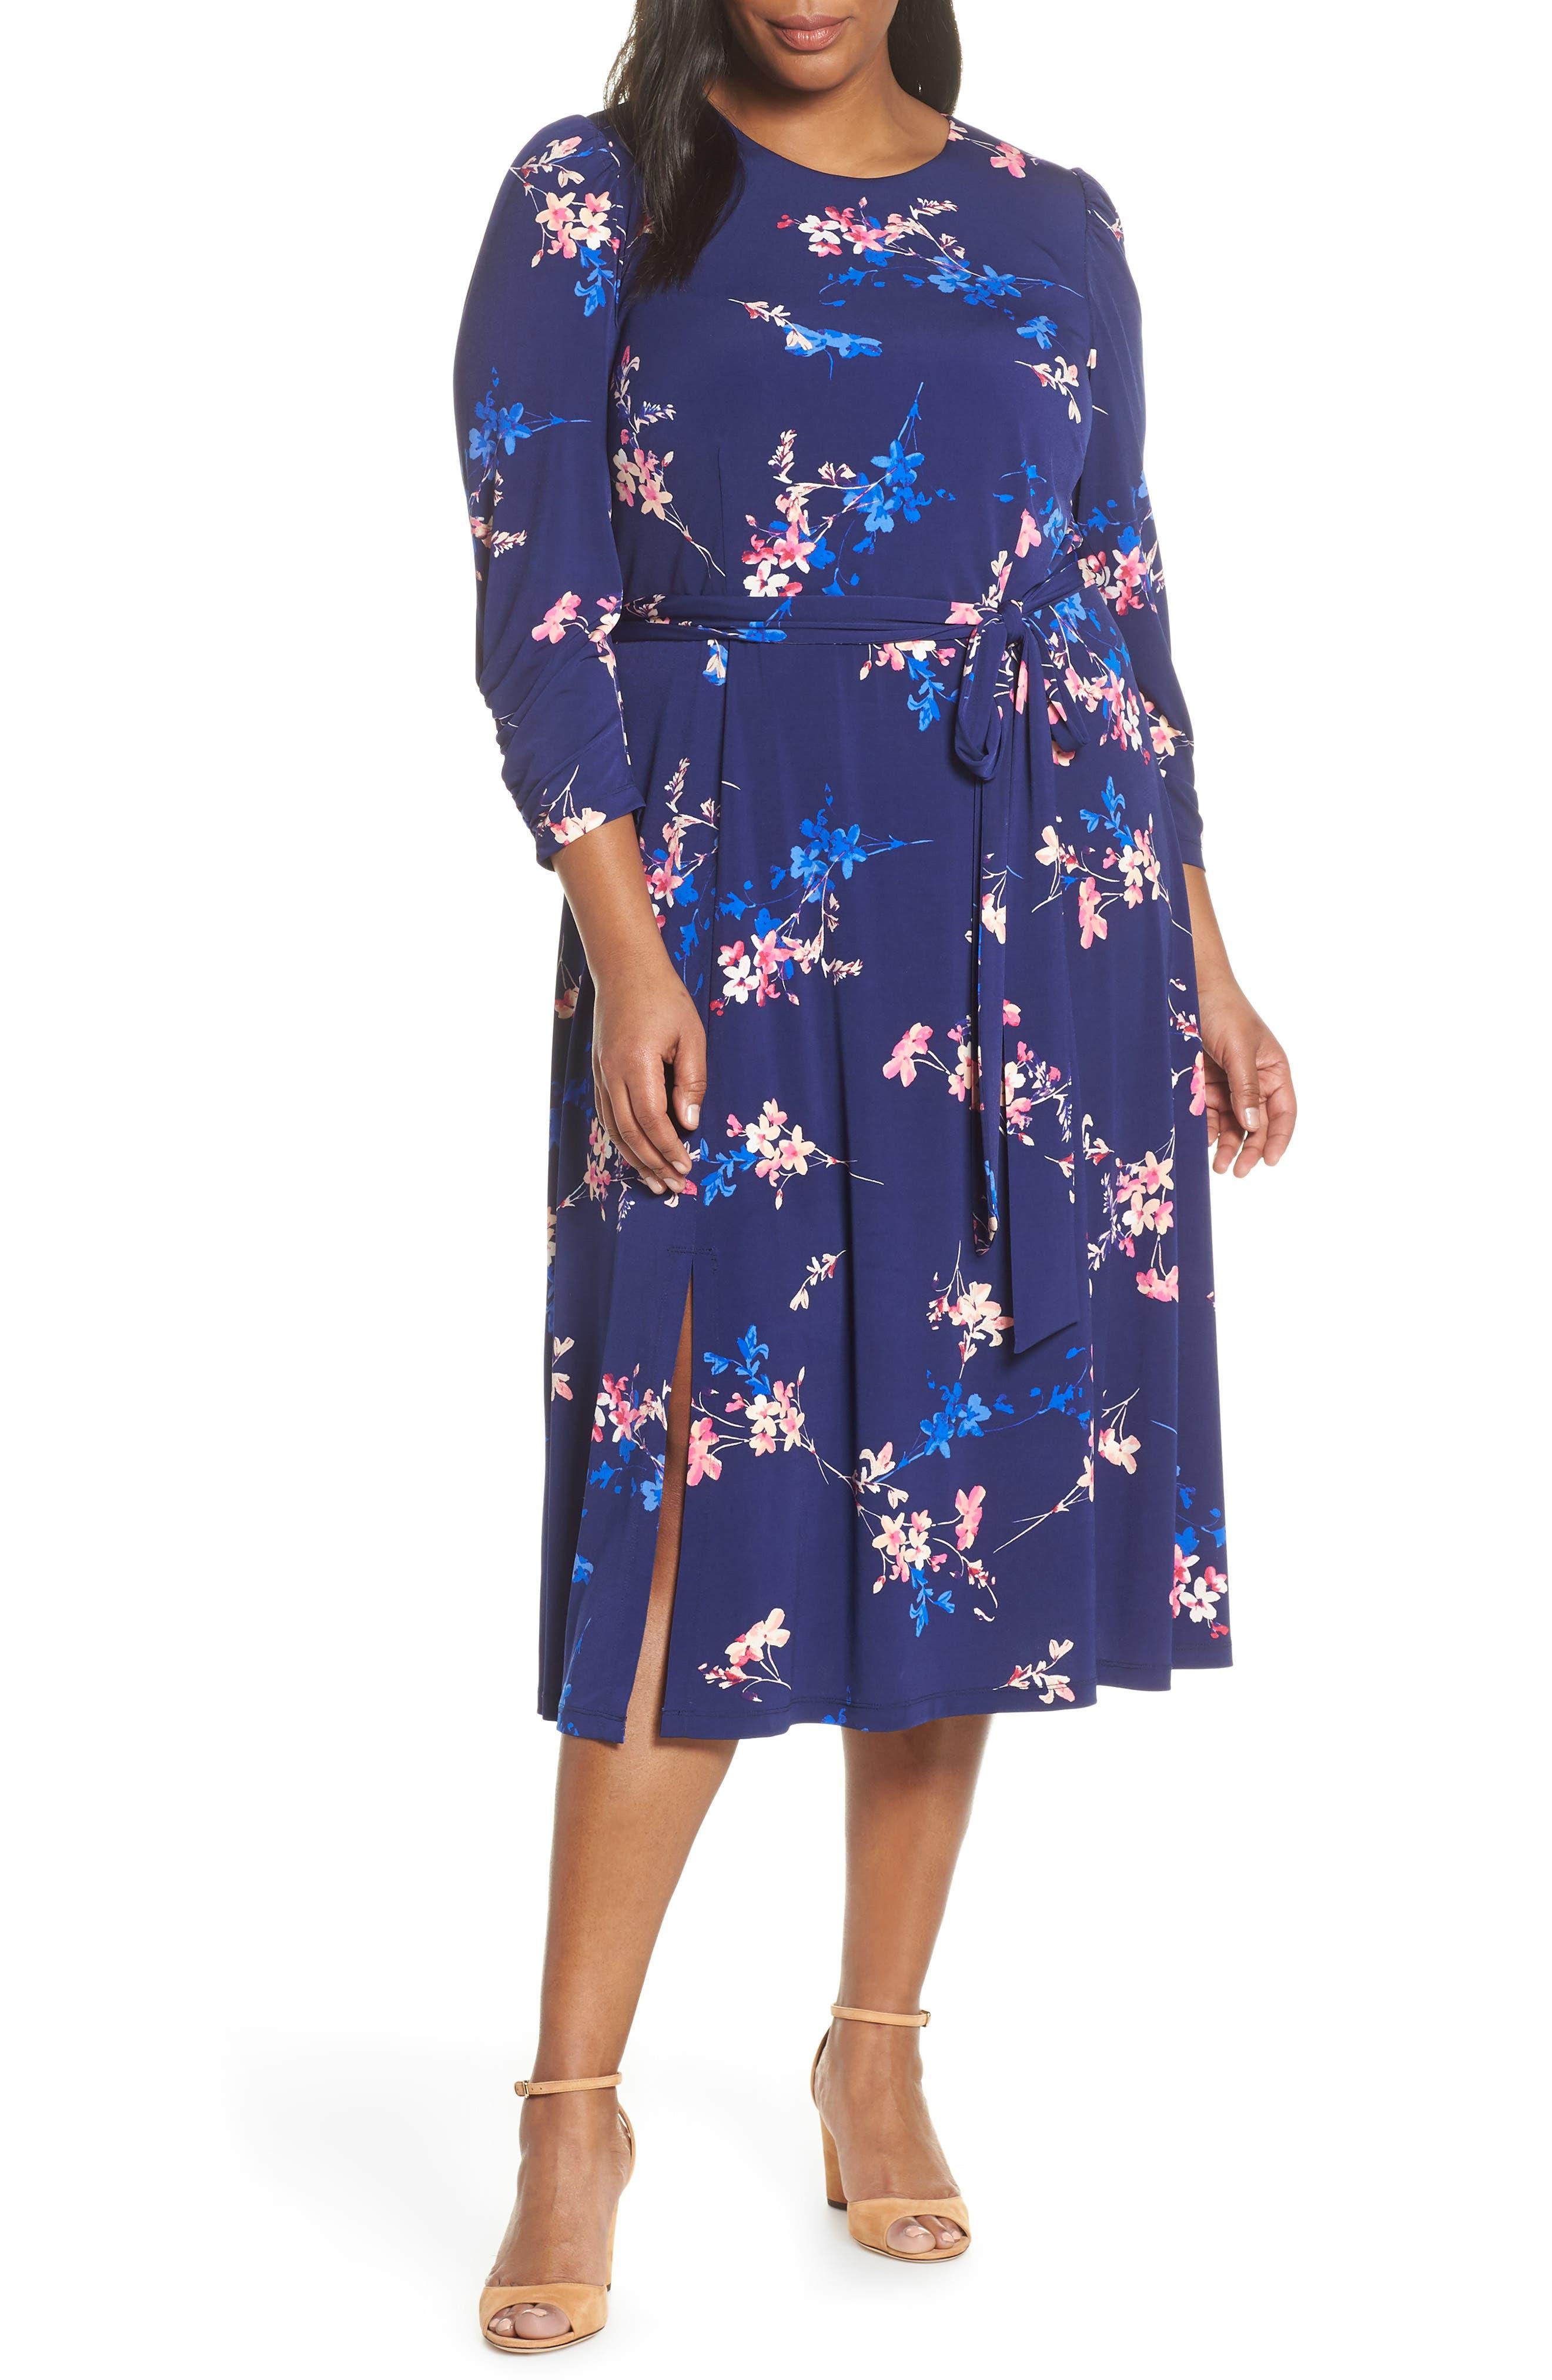 1930s Art Deco Plus Size Dresses   Tea Dresses, Party Dresses Plus Size Womens Eliza J Floral Belted Midi Dress Size 24W - Blue $148.00 AT vintagedancer.com